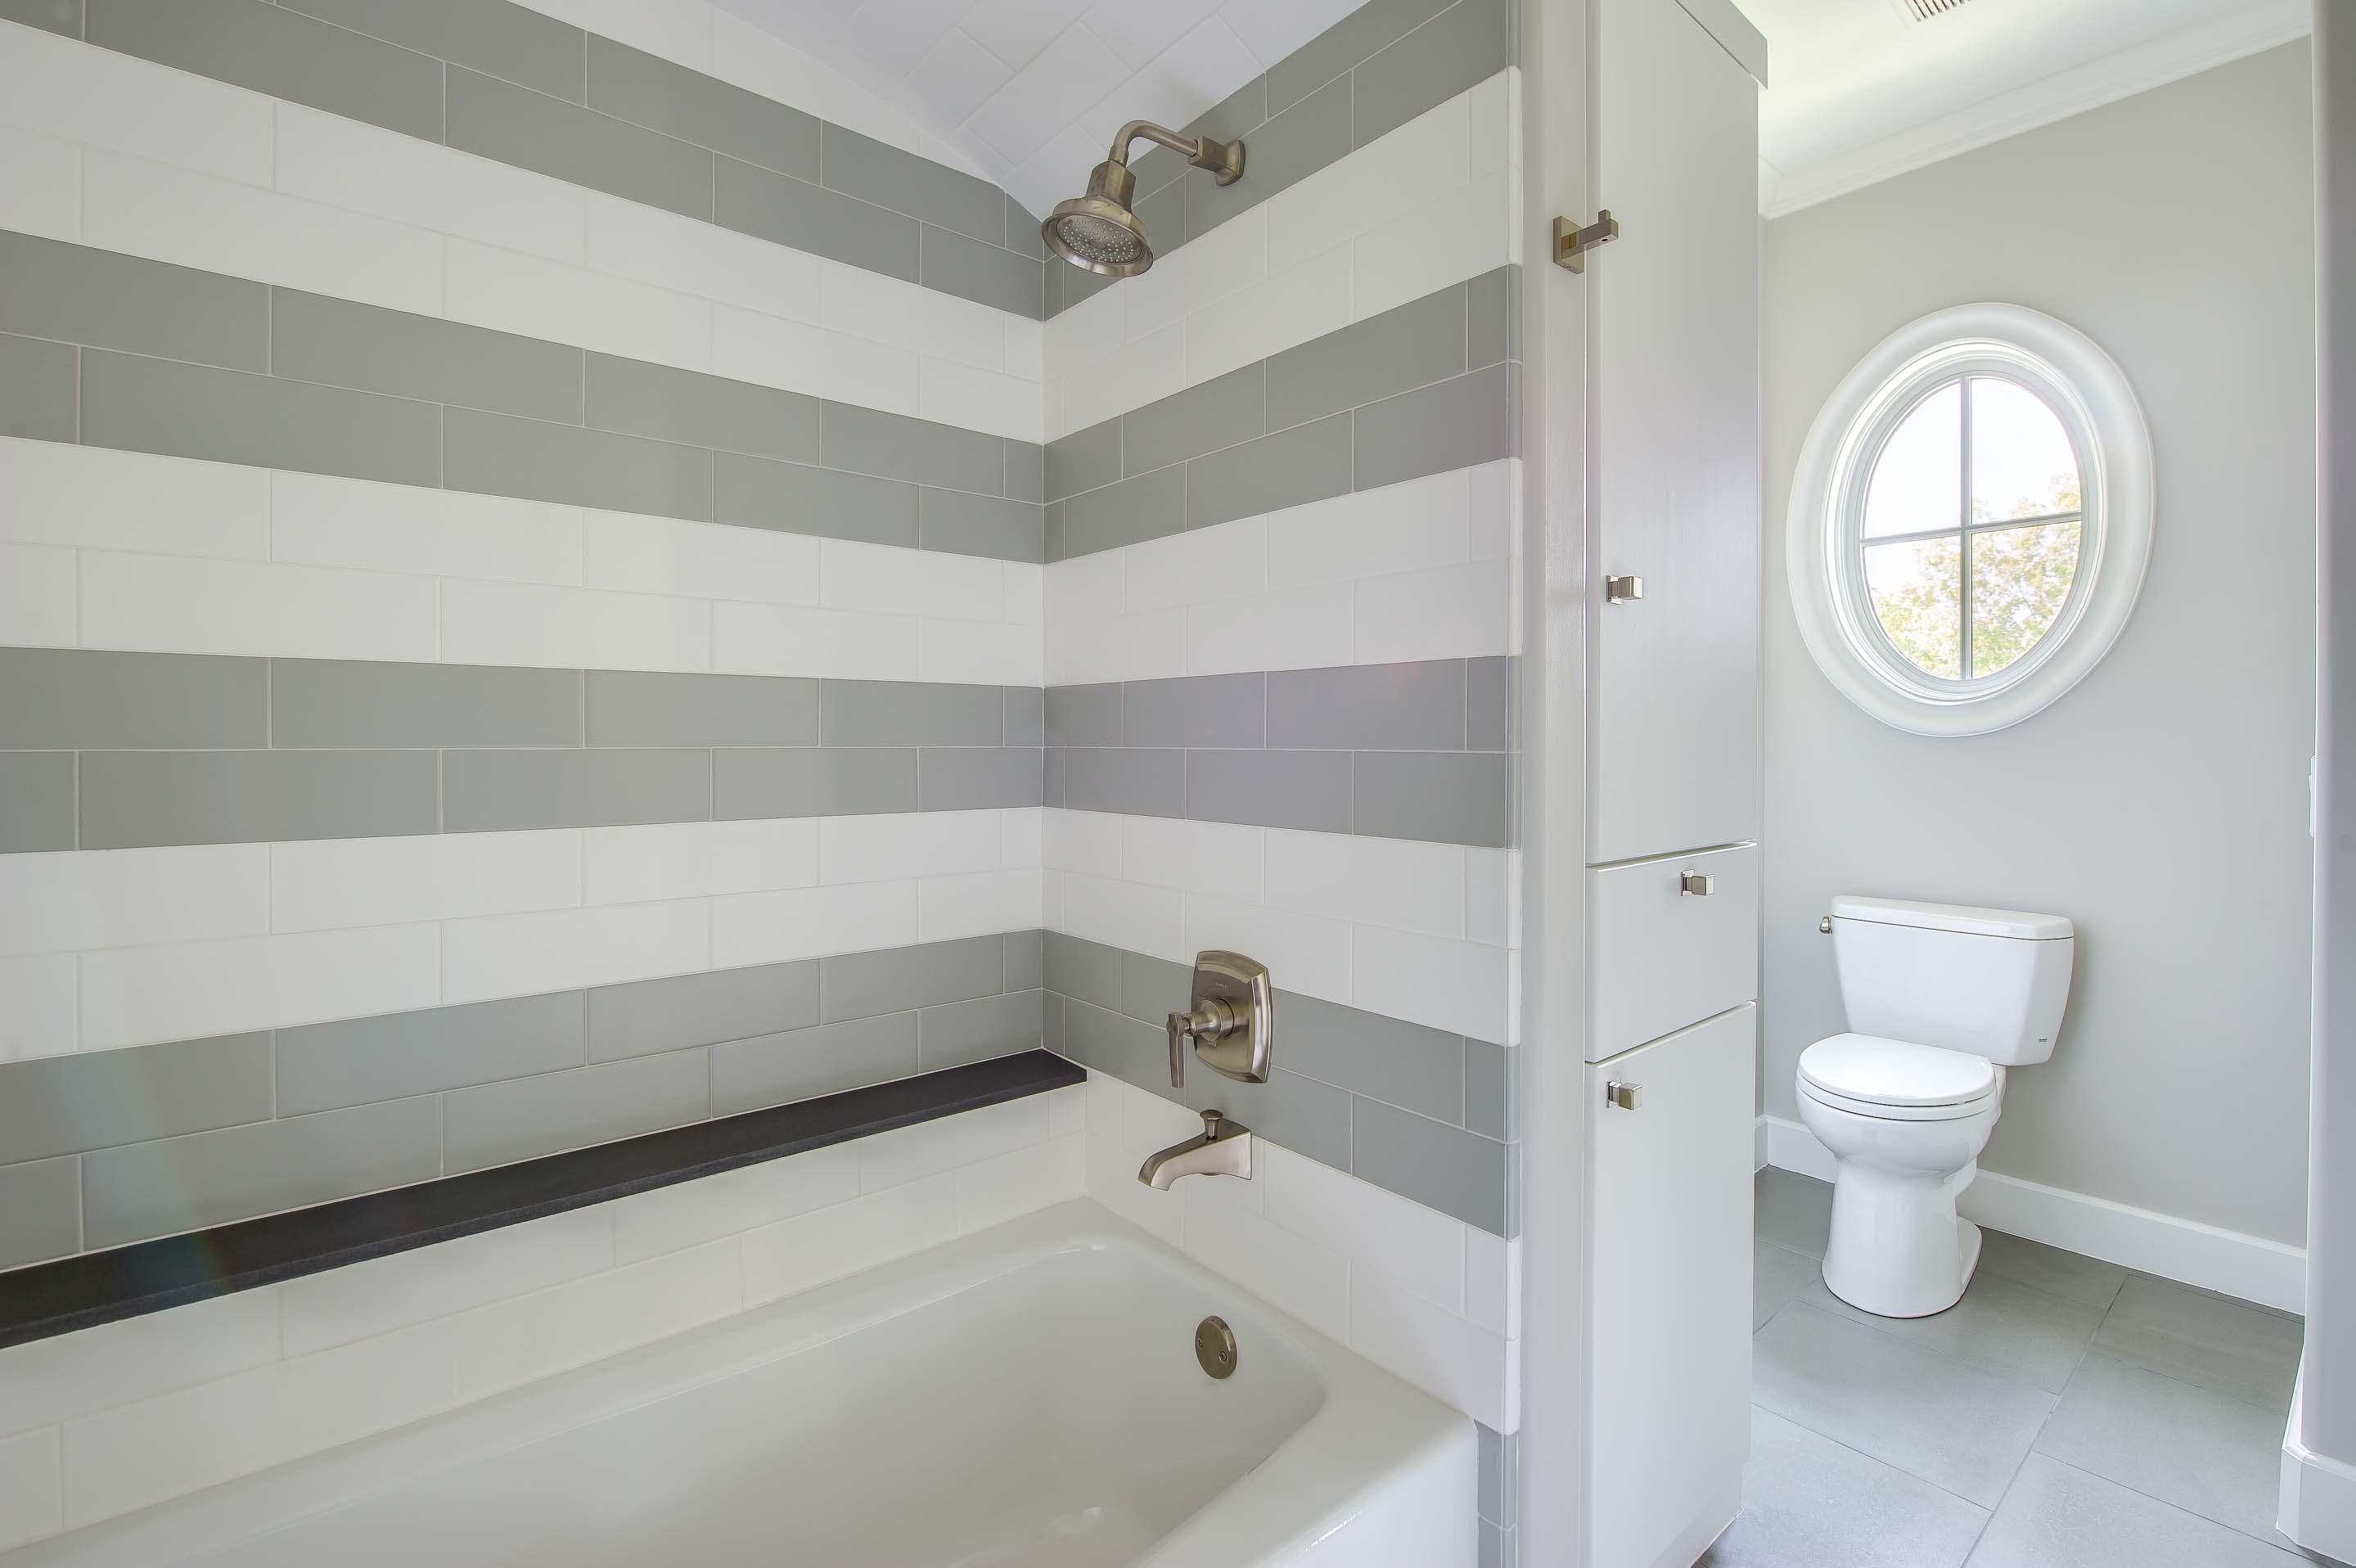 Cute Stitch Wallpaper With Glass Walls 31 Brilliant Grey Striped Bathroom Tiles Eyagci Com